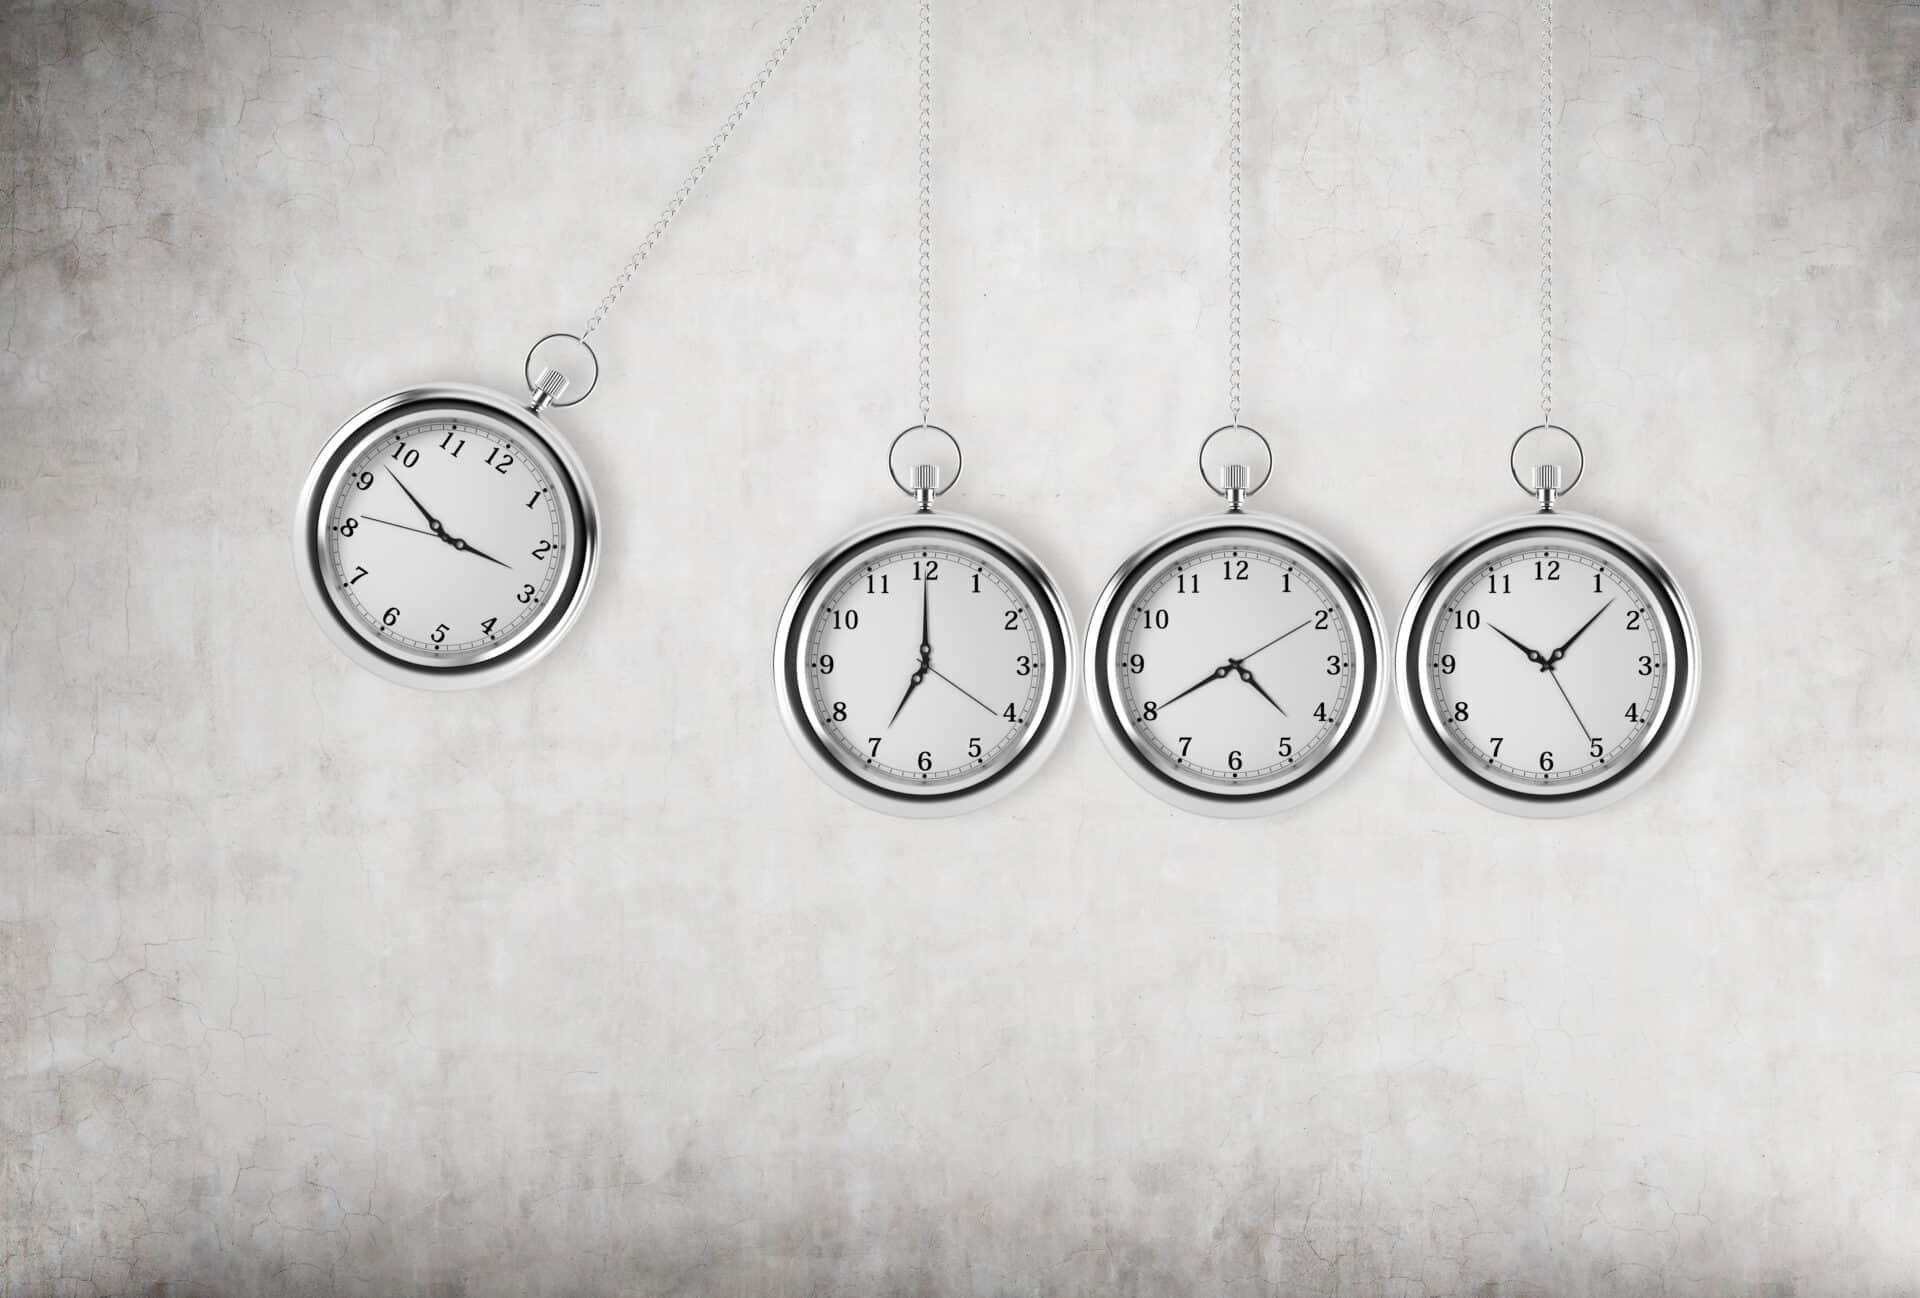 Zeitmanagement ist eine wichtige Voraussetzung, um alle Aufgaben zu erledigen